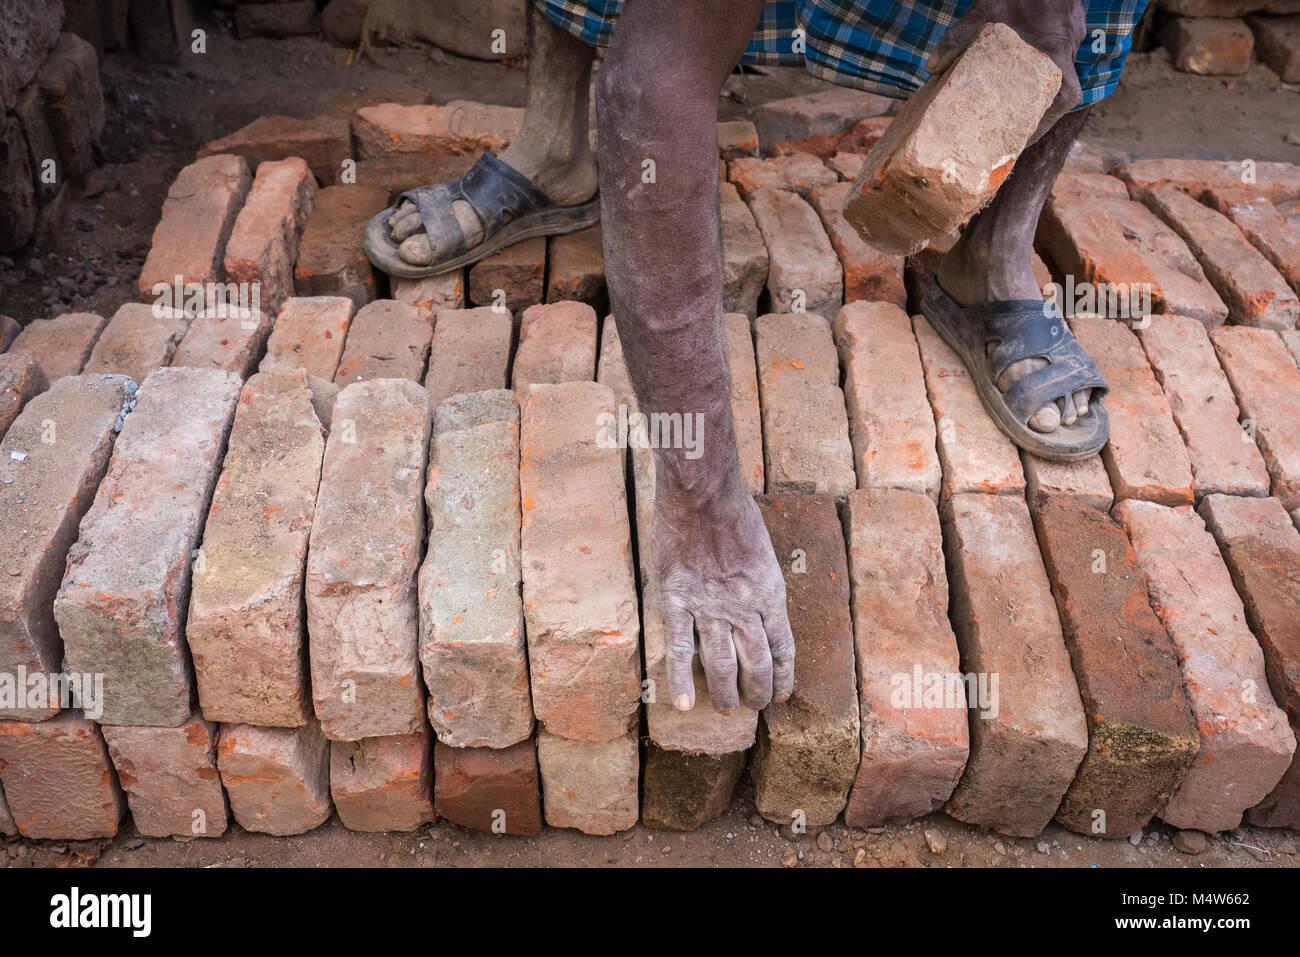 A man stacking bricks in Varanasi, India. - Stock Image